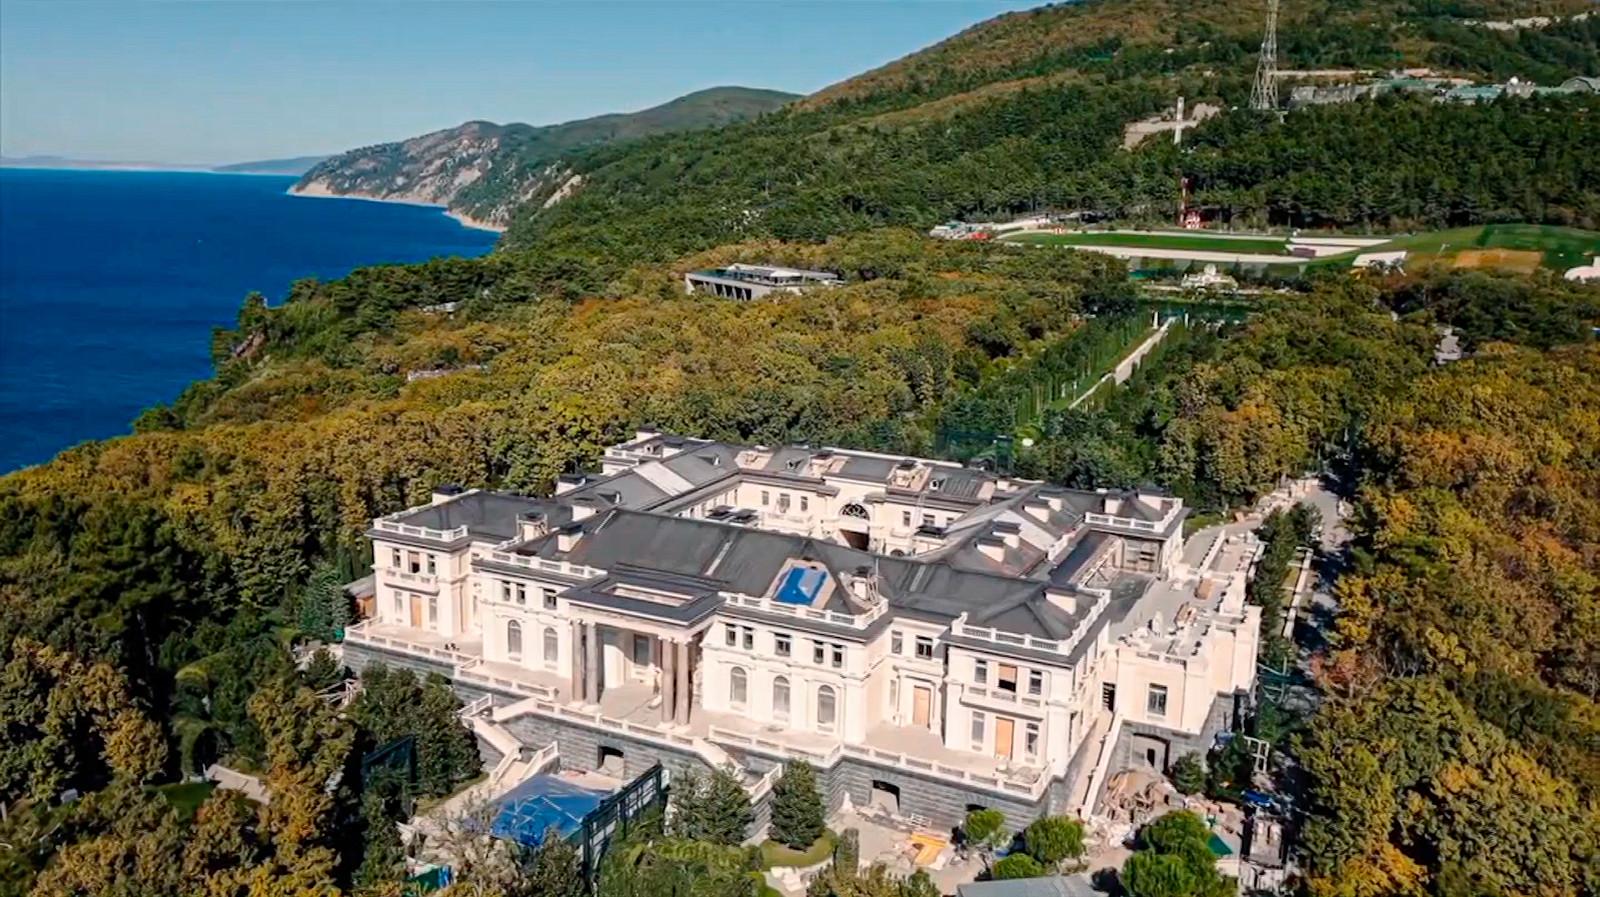 Het 'koninkrijk' van Poetin aan de Zwarte Zee heeft een waarde van ruim 1,3 miljard dollar.